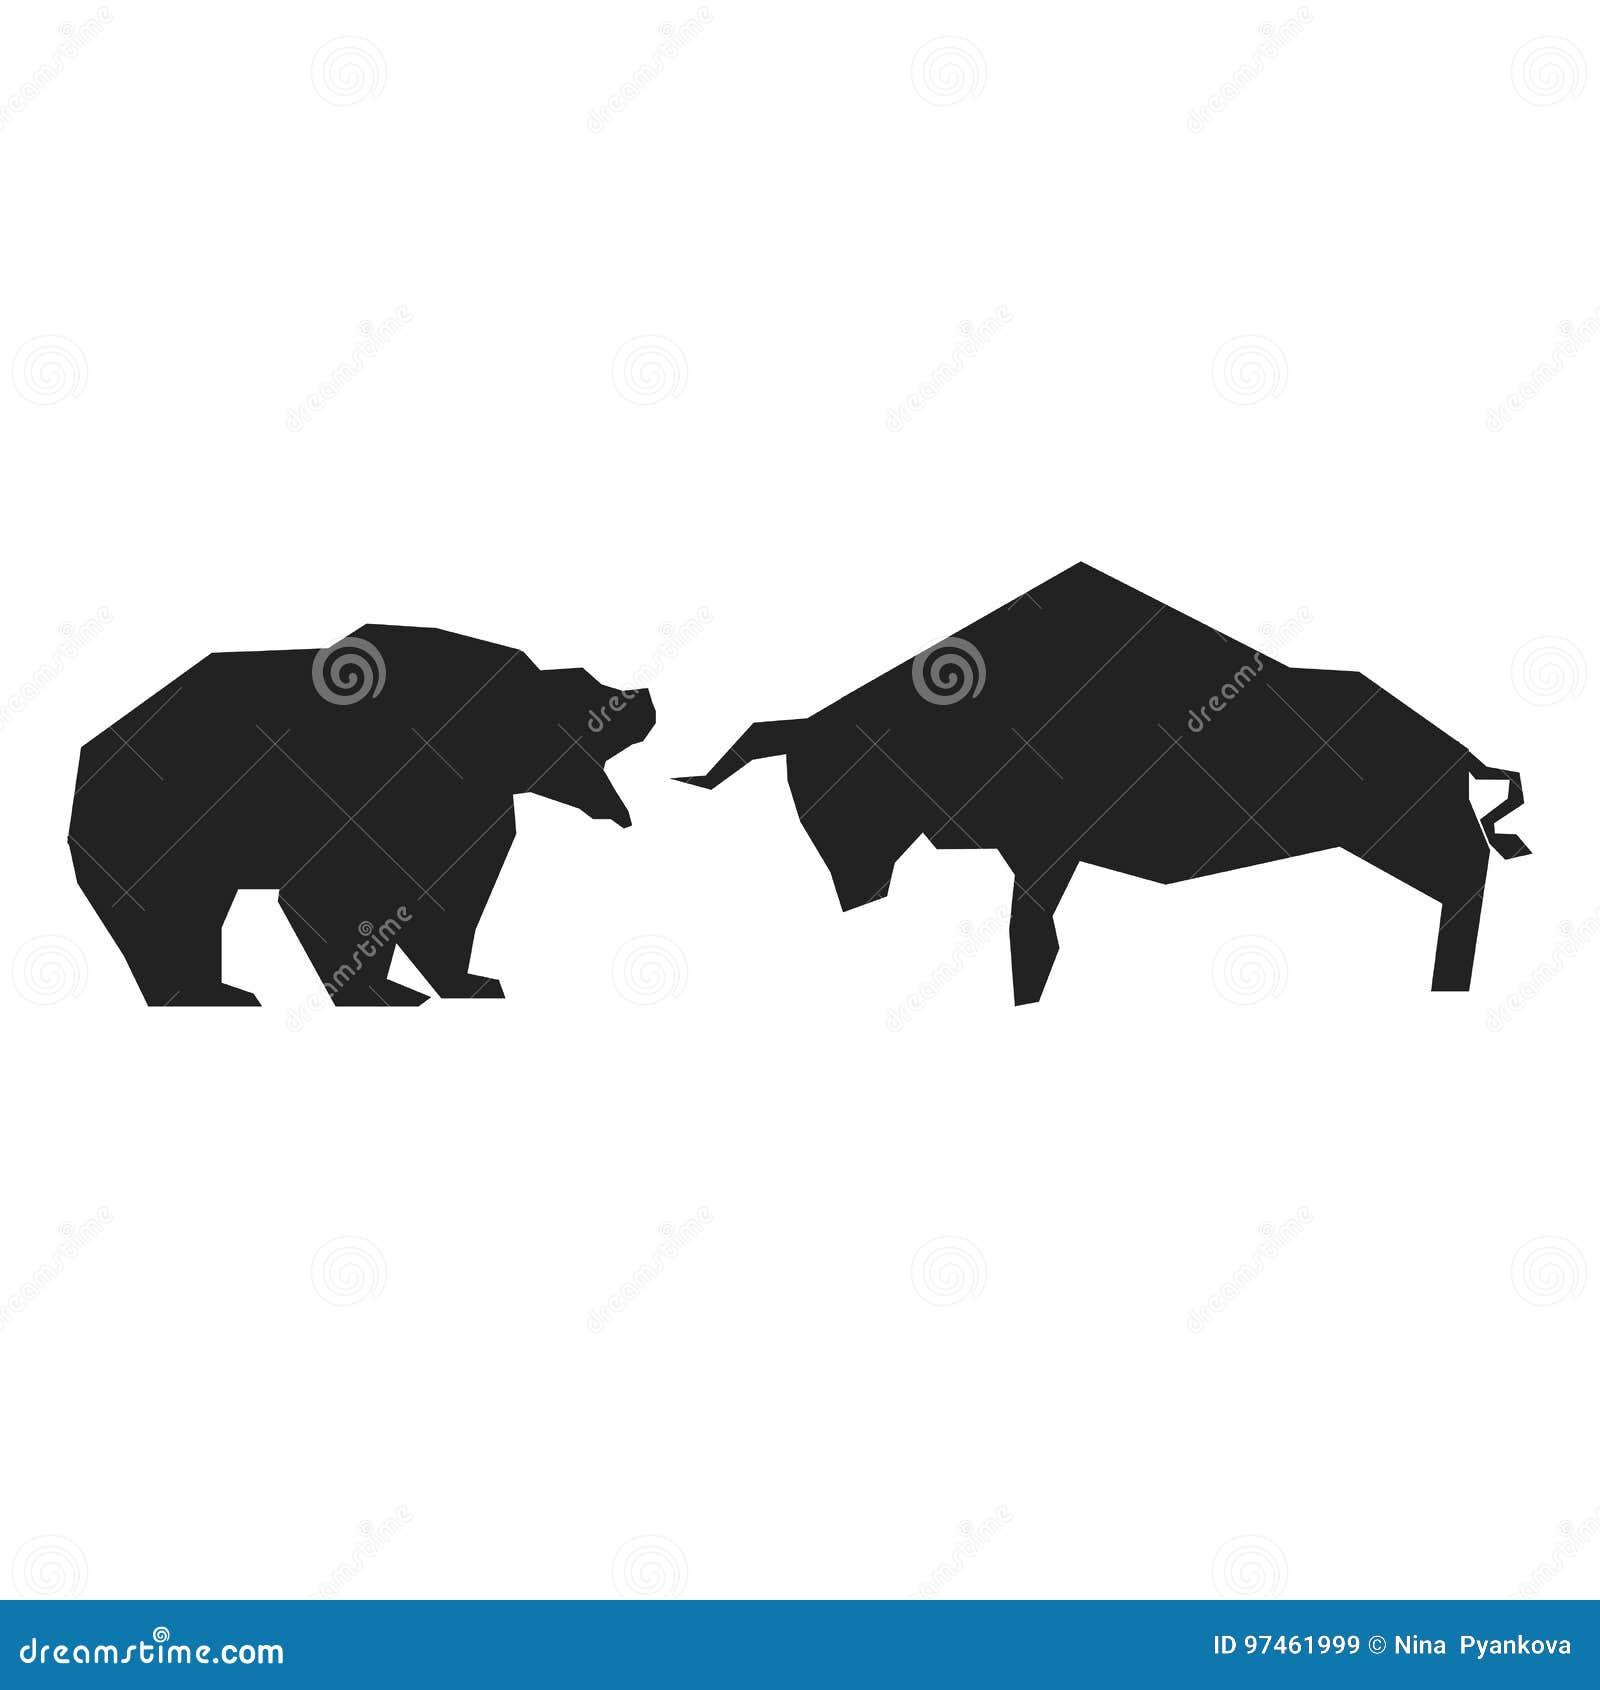 Bullish And Bearish Symbols Stock Vector Illustration Of Financial